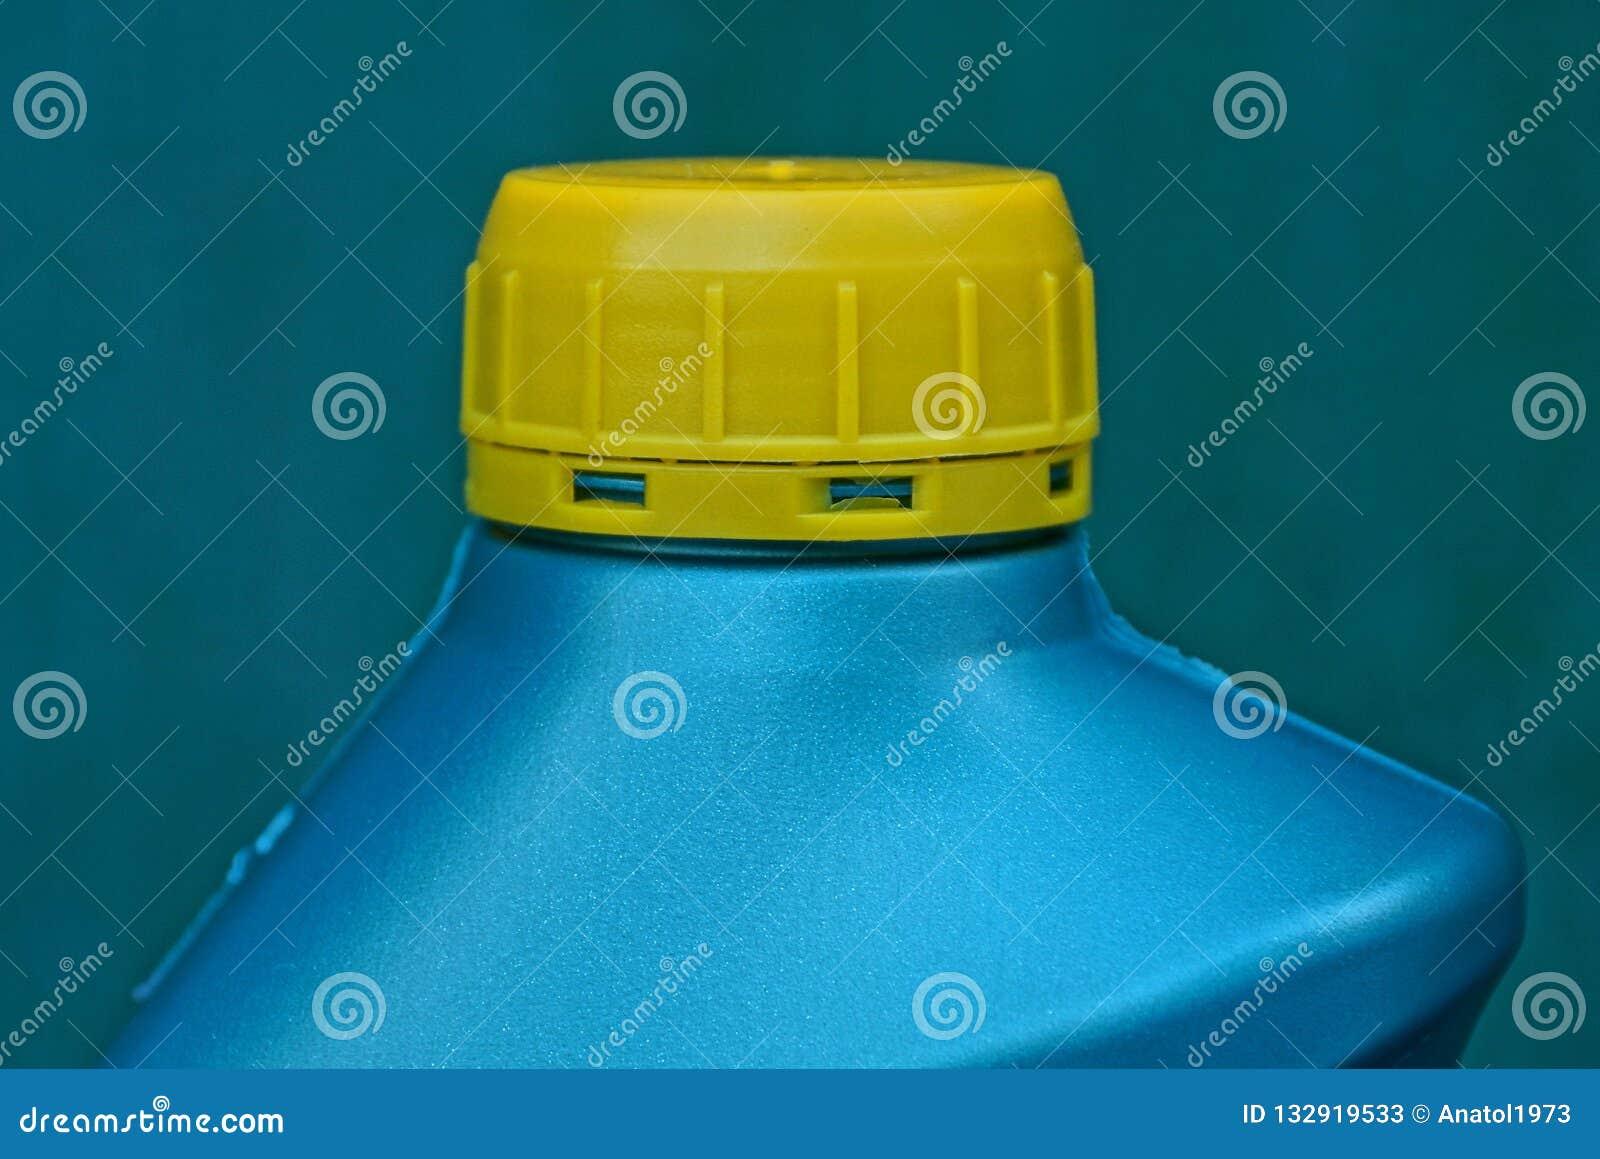 Een stuk van groene plastic fles sloot met een gele kurk met smeermiddel